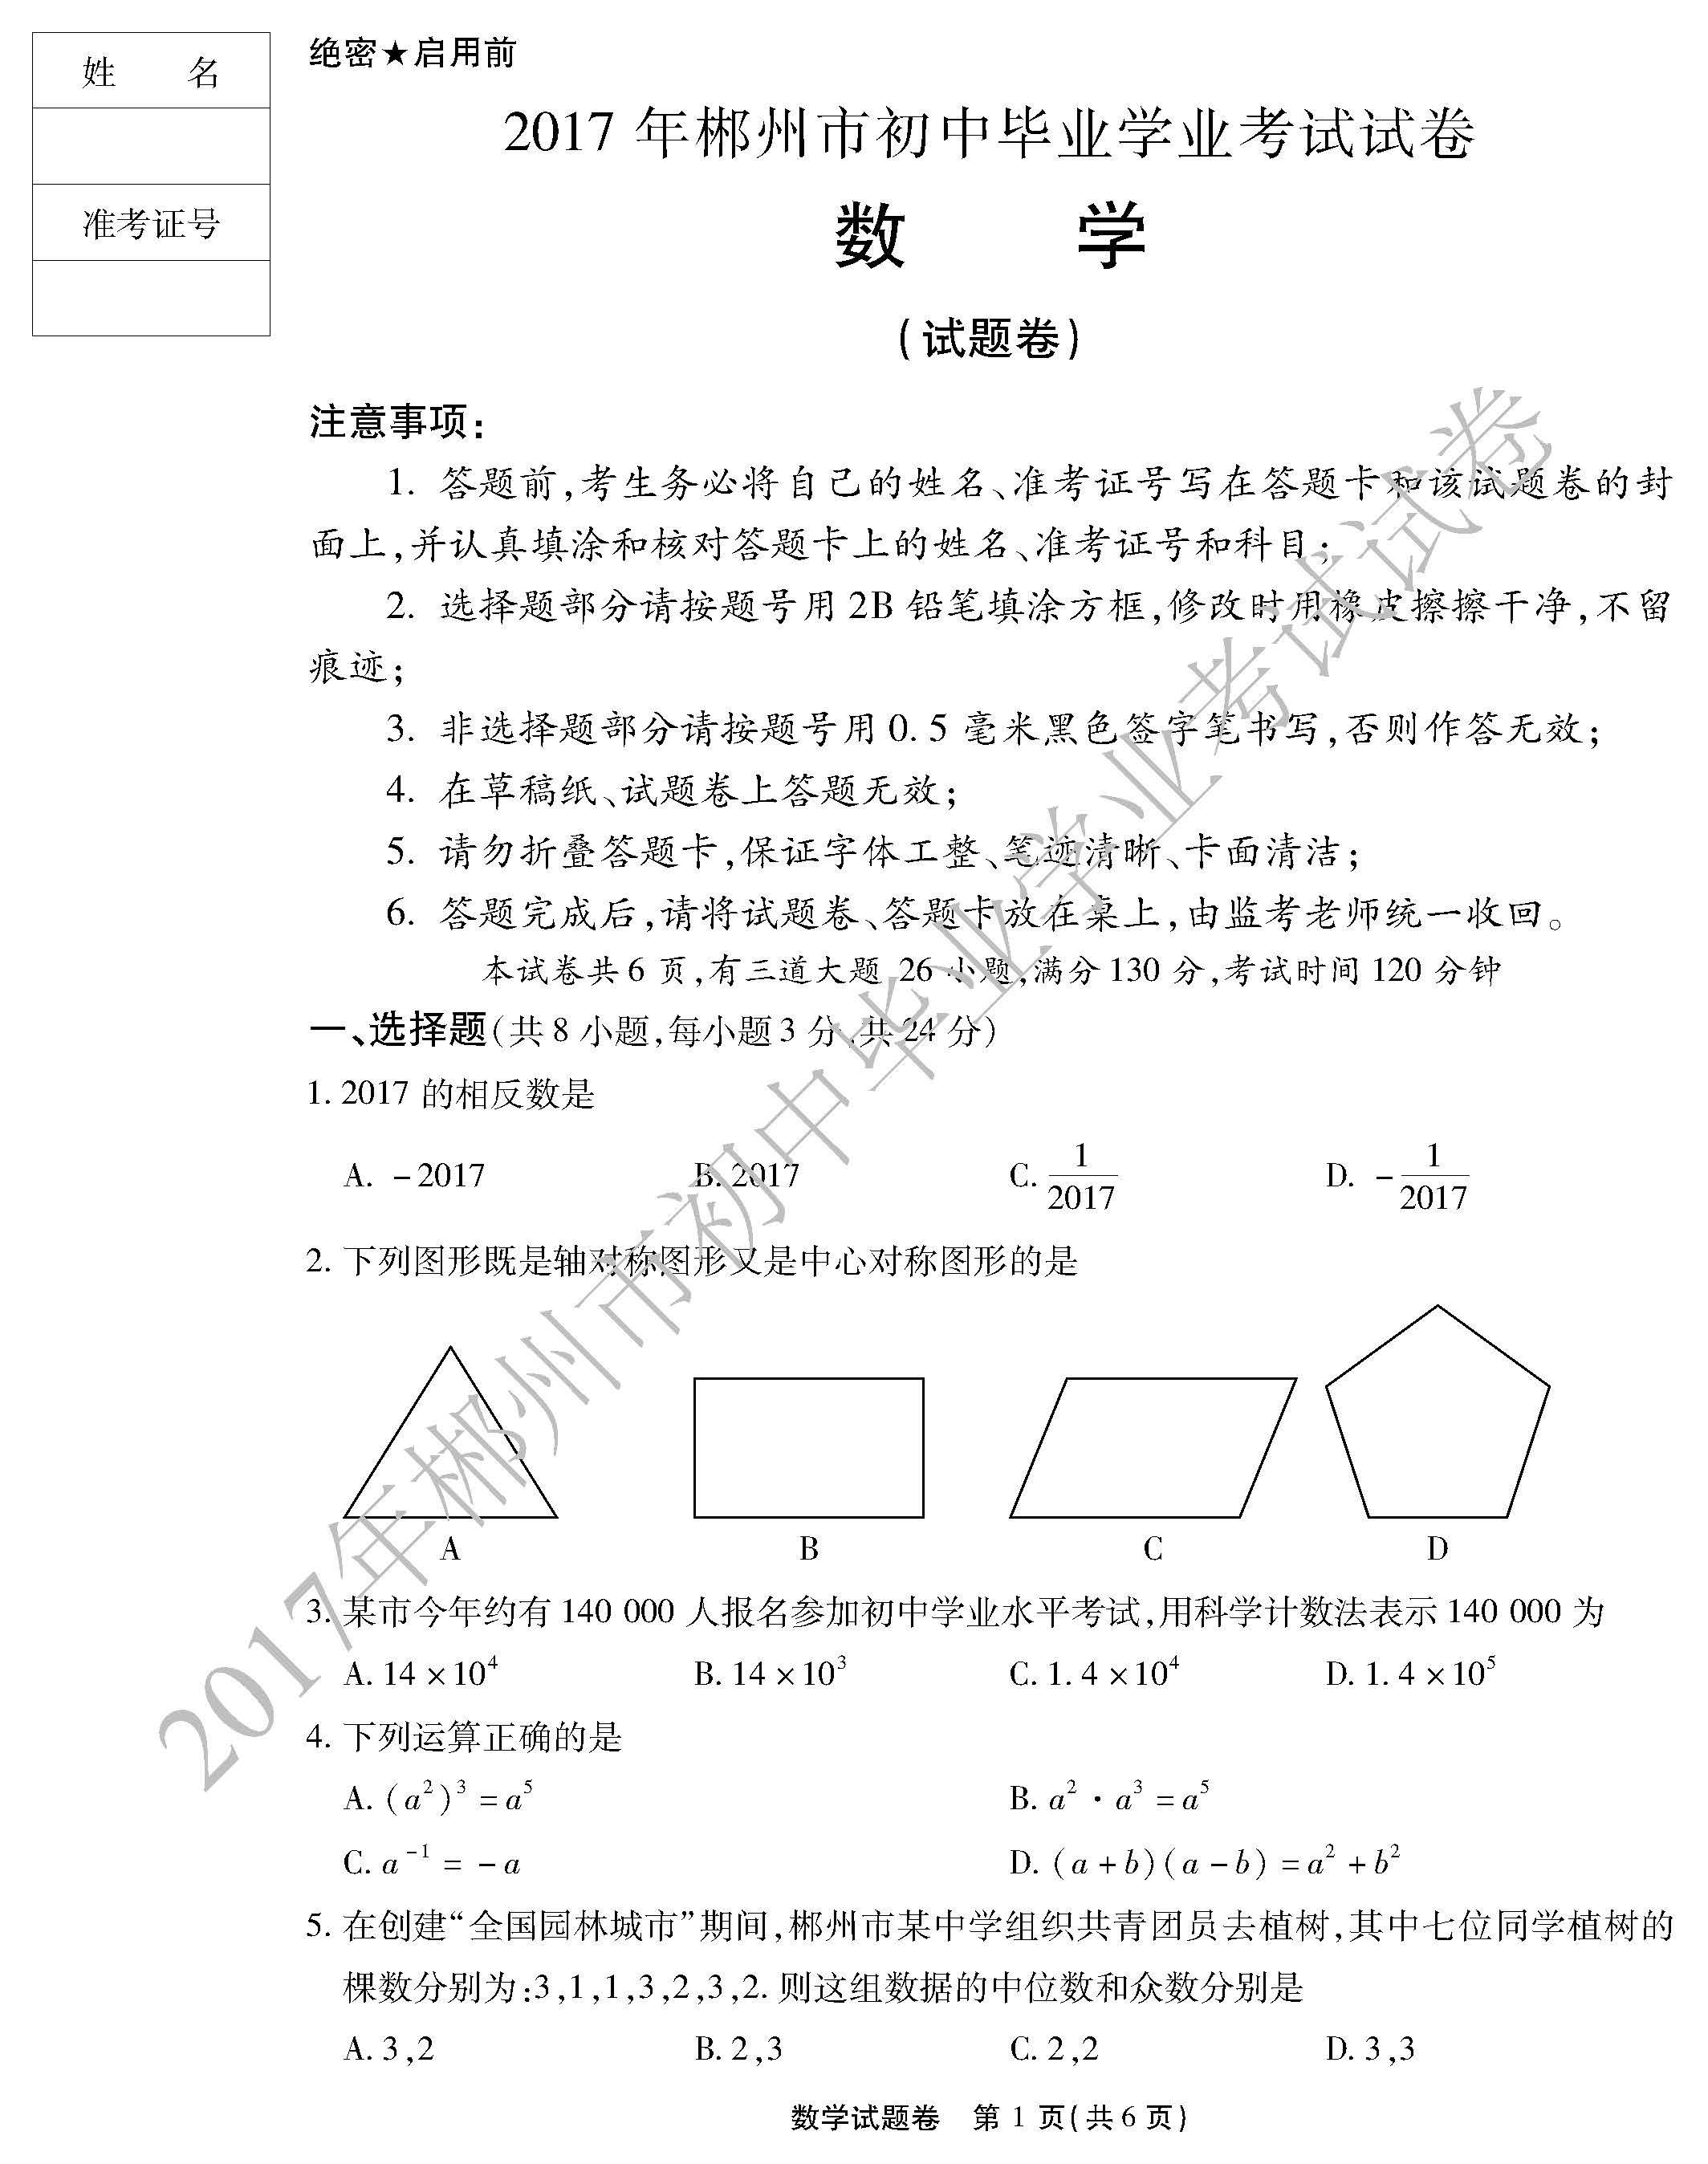 2017郴州中考数学试题及答案解析(图片版含答案)